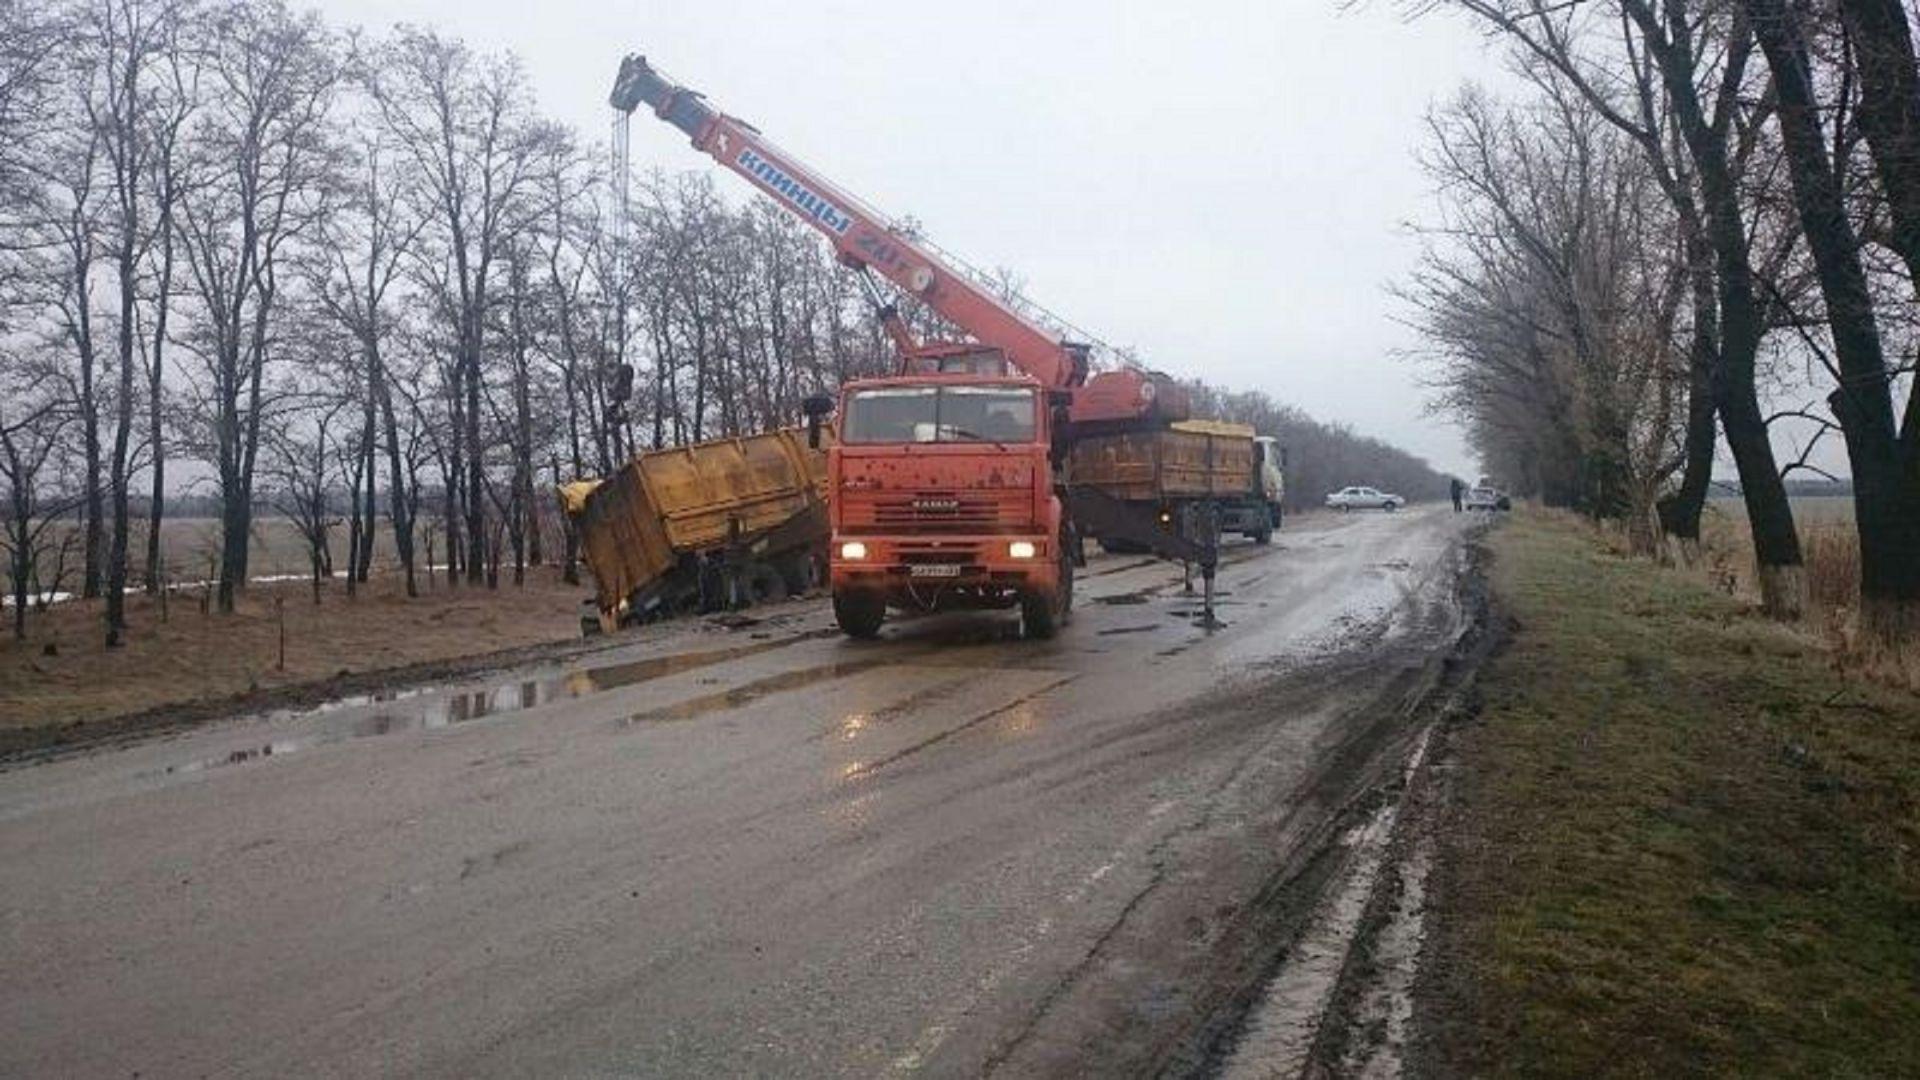 НаСтаврополье грузовой автомобиль врезался в легковую машину, есть пострадавшая